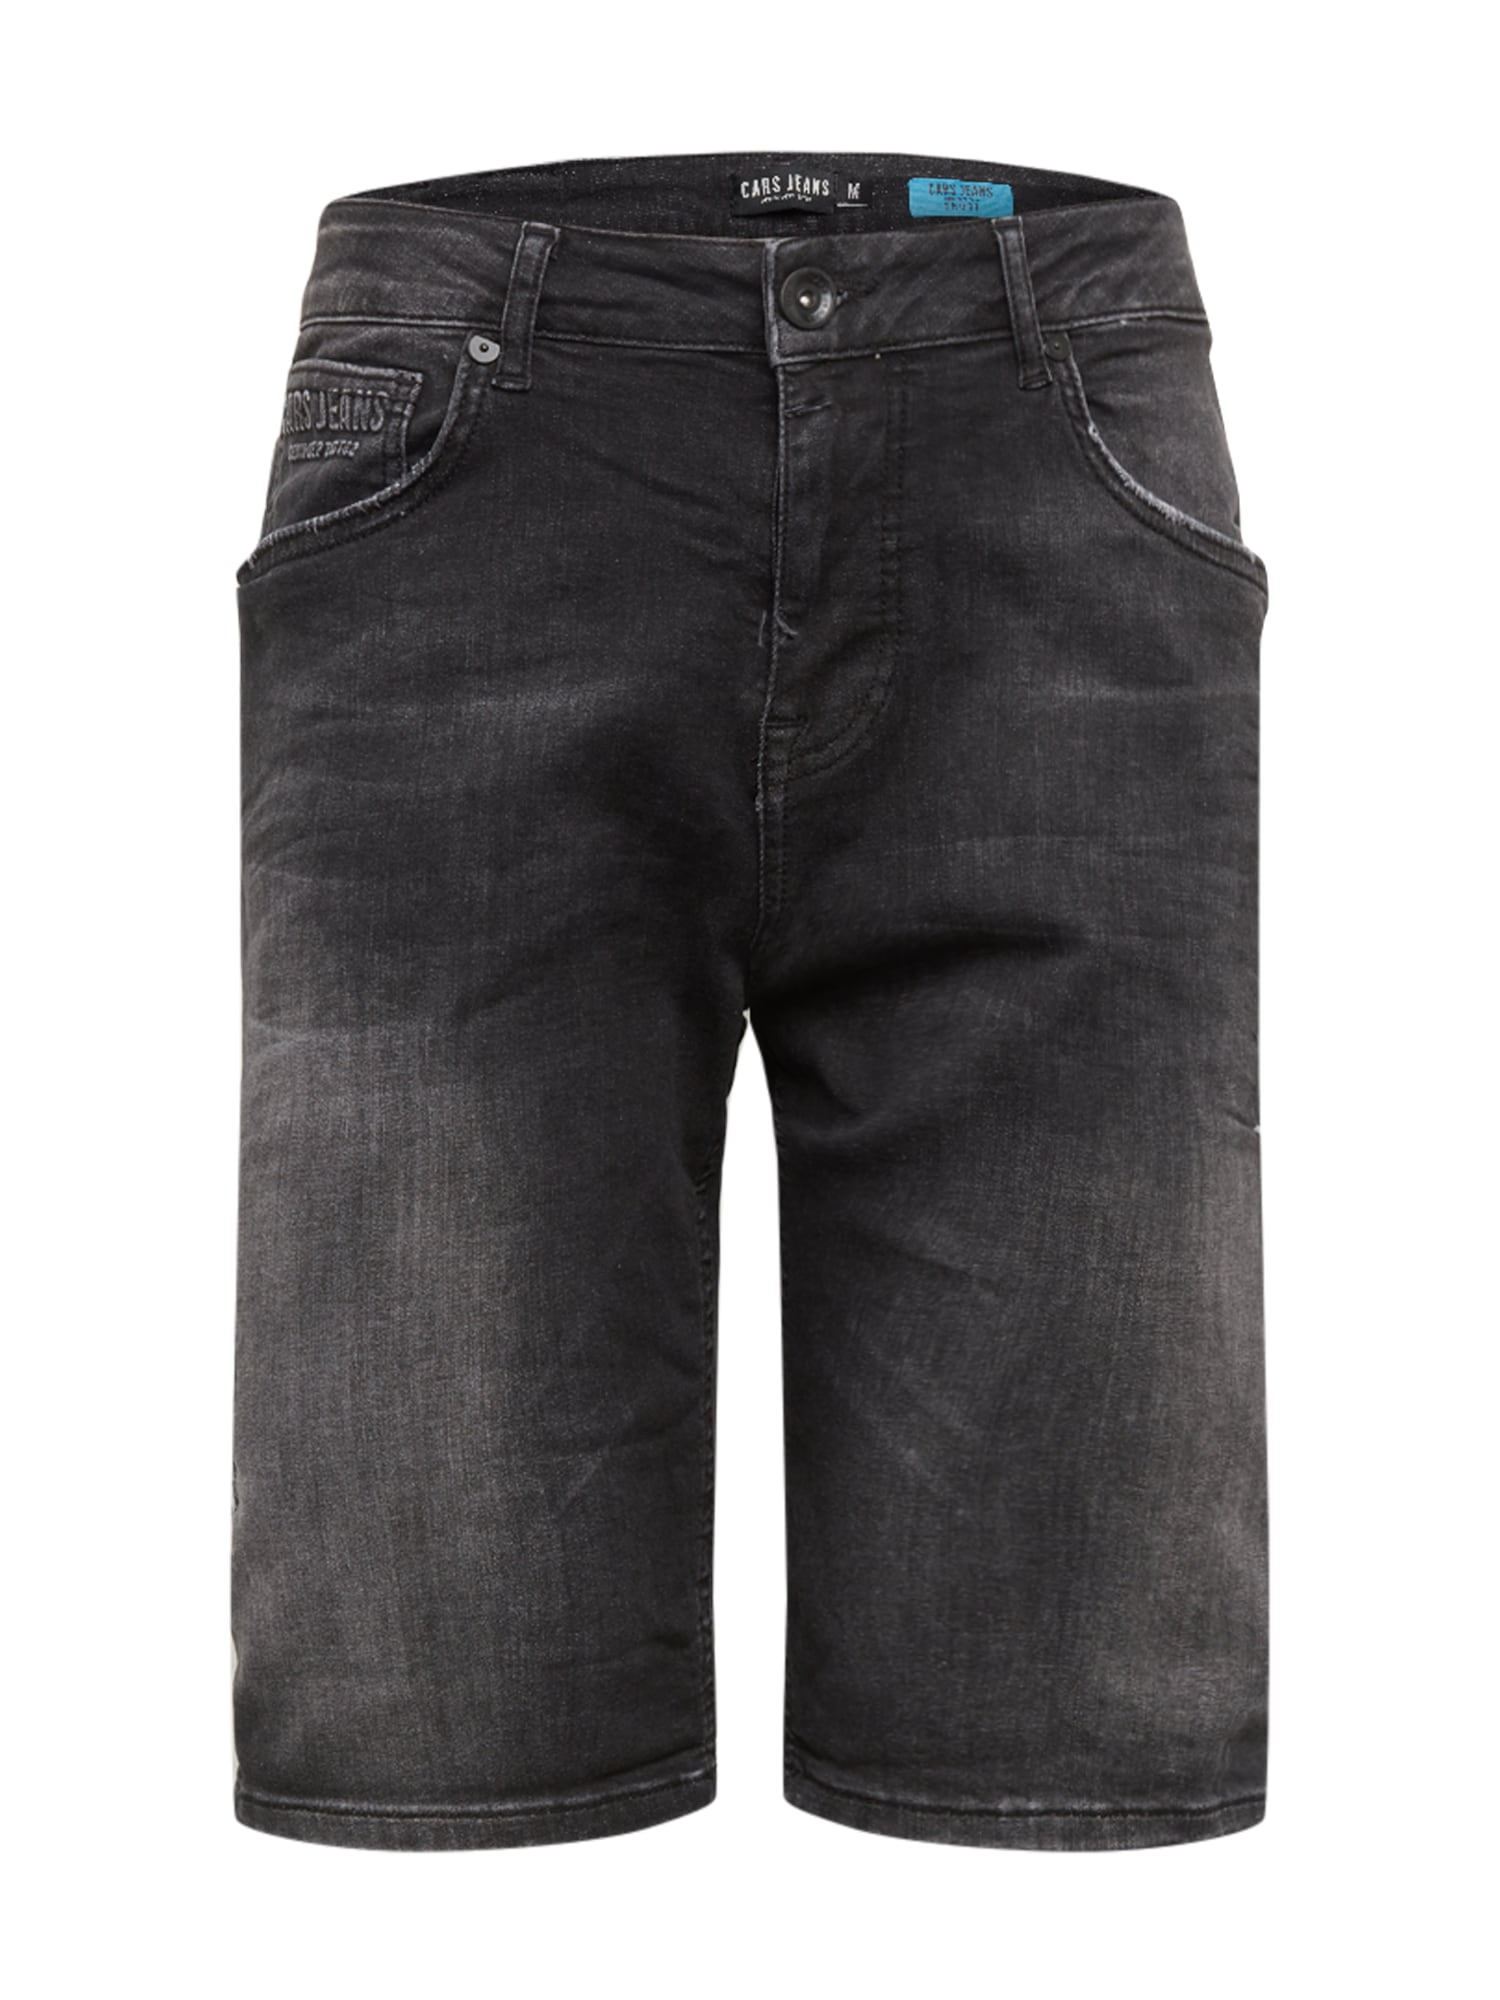 Cars Jeans Džinsai 'Trevor' juodo džinso spalva